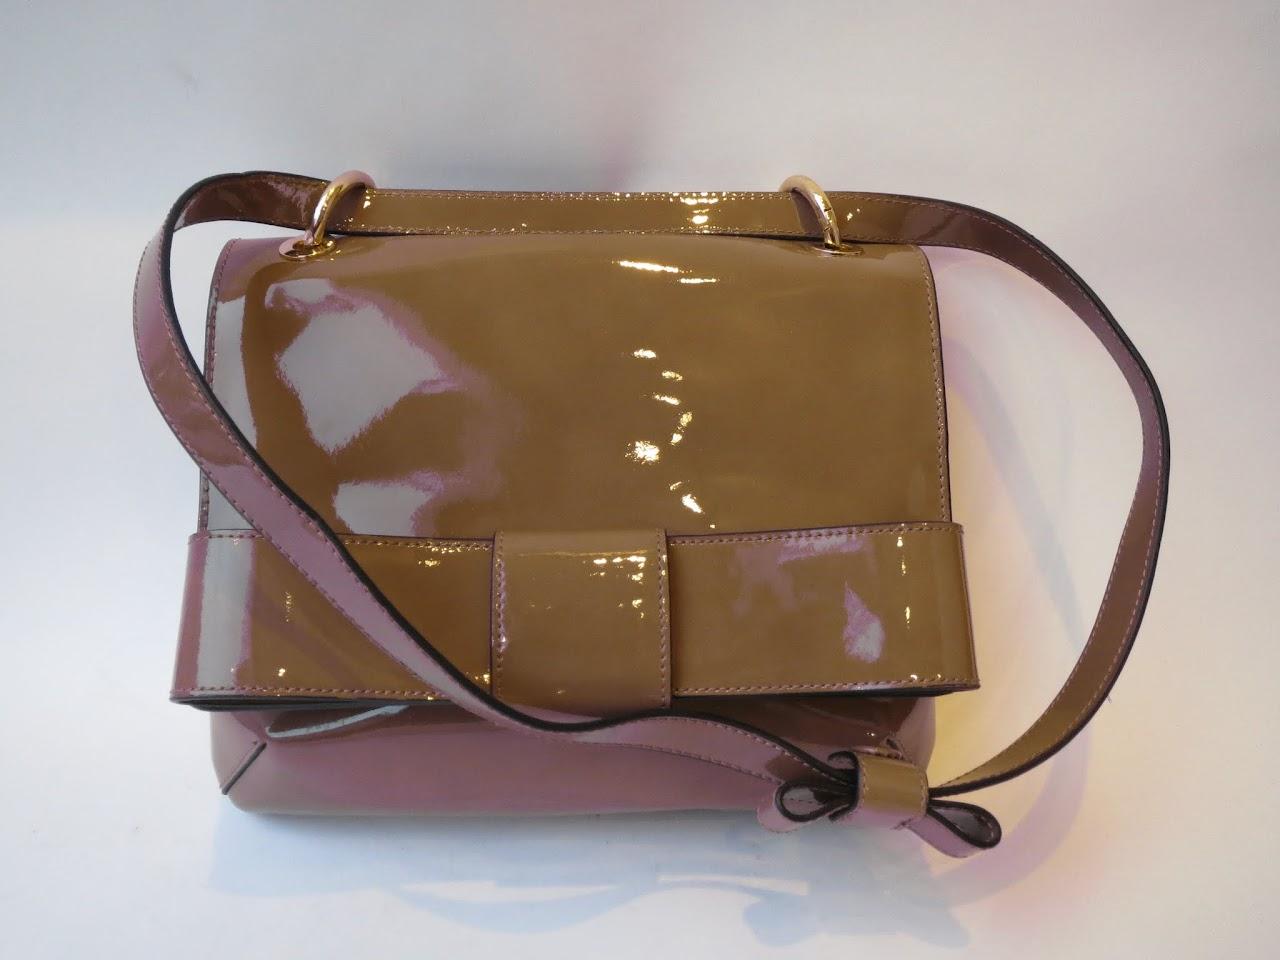 Orla Kiely Patent Leather Shoulder Bag